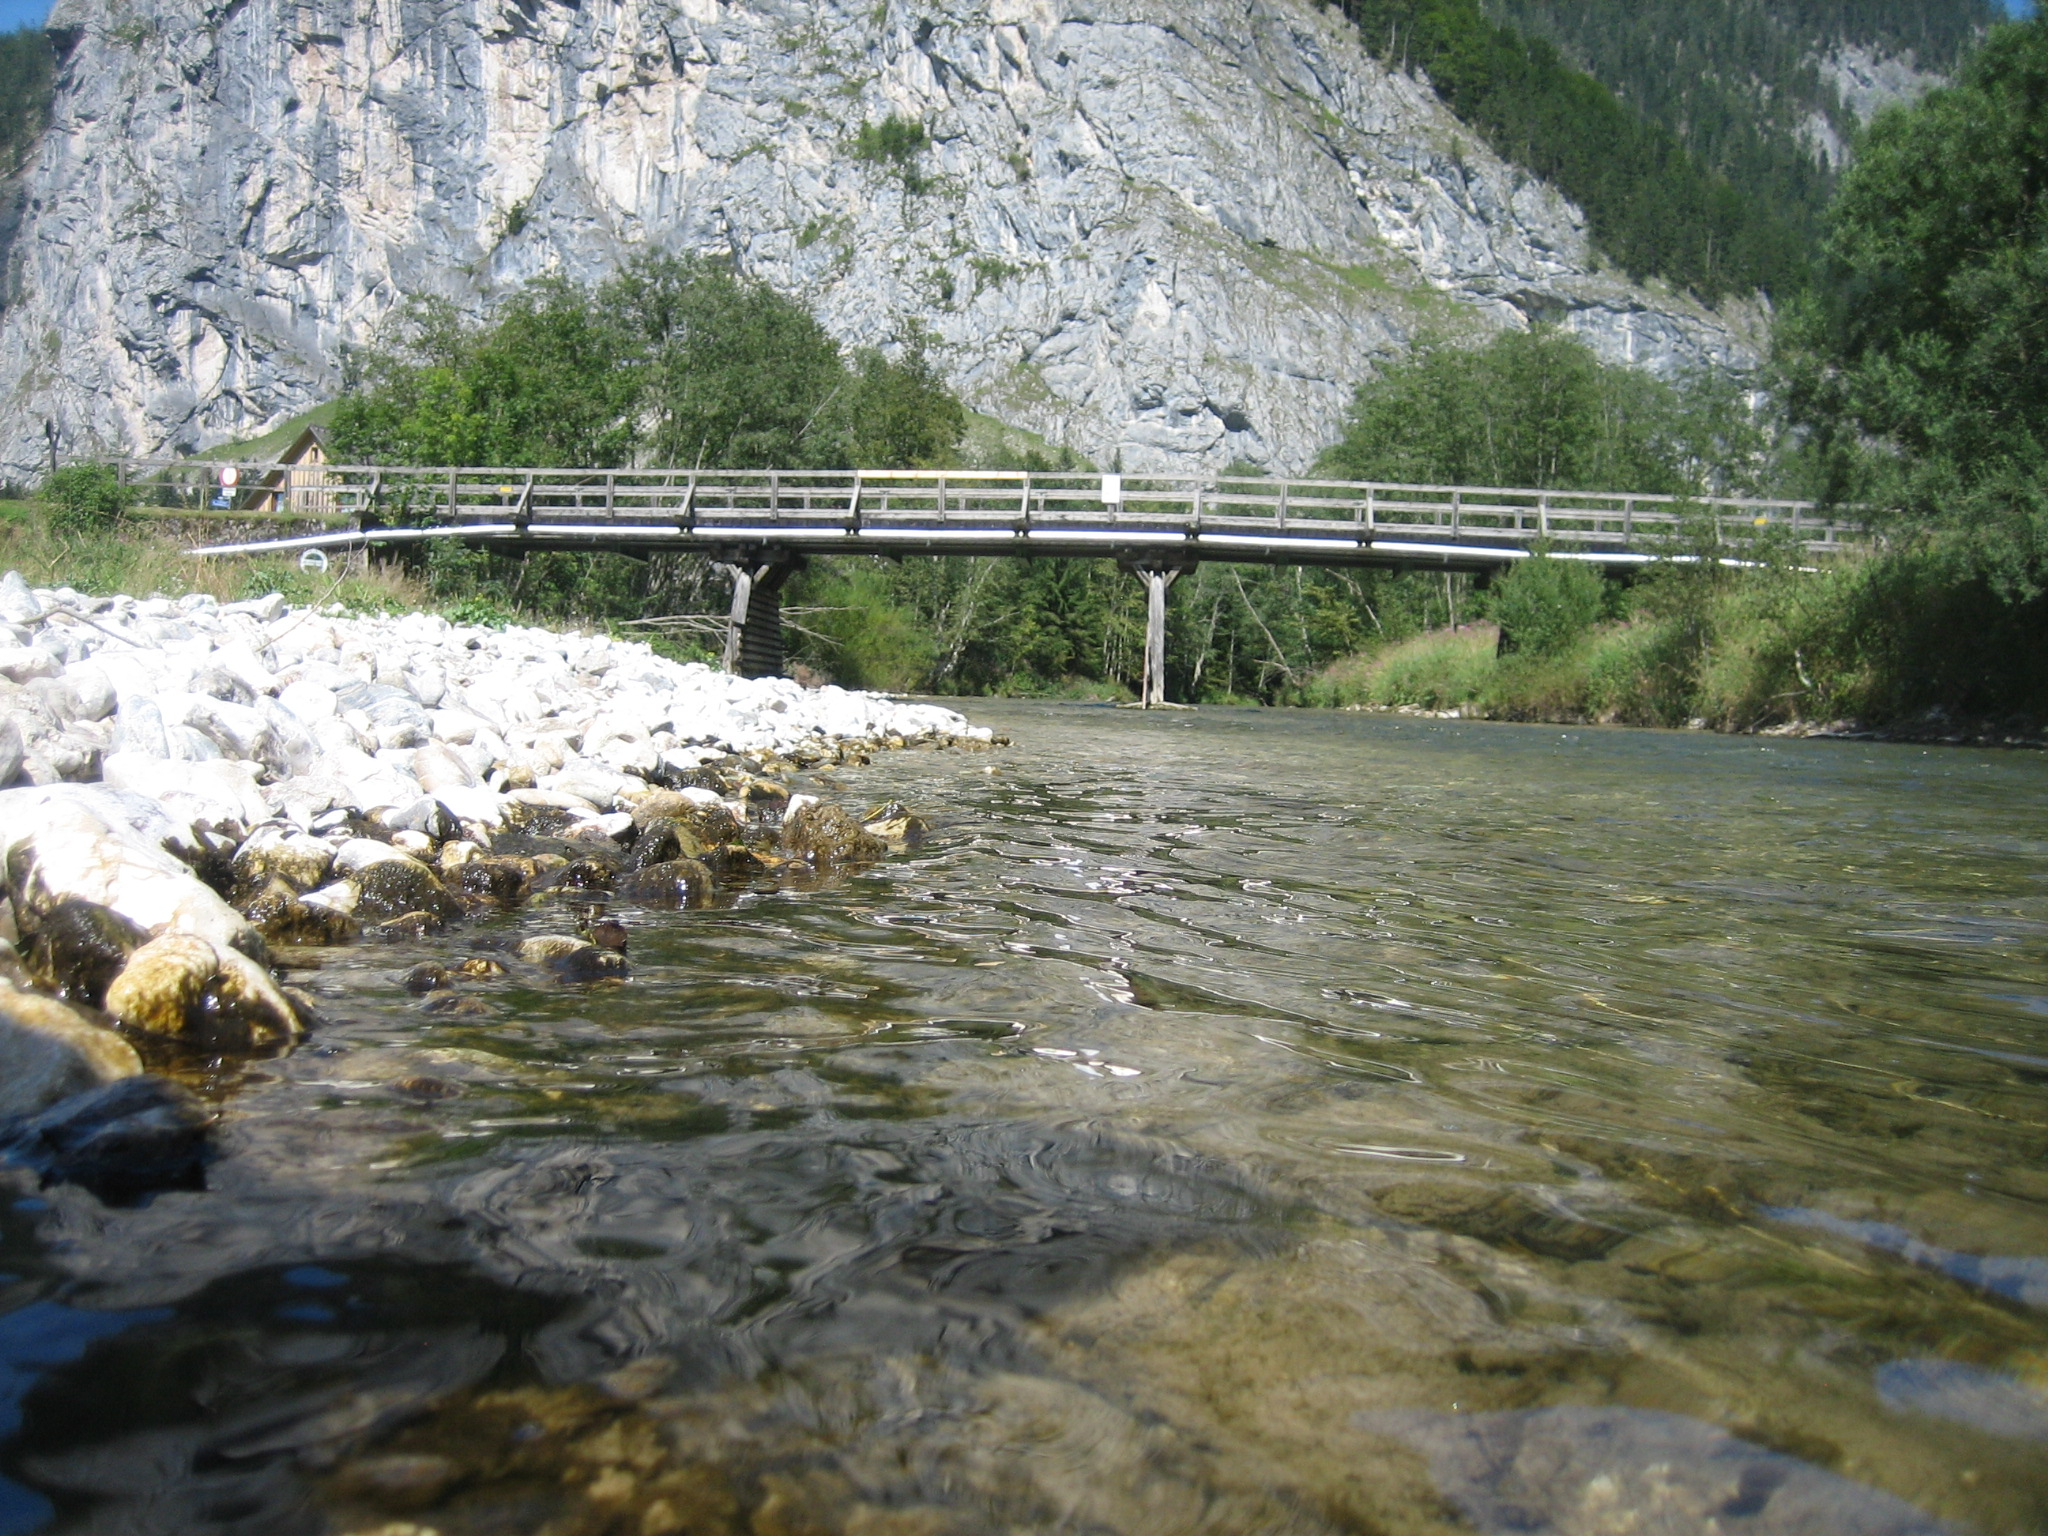 Die Erlauf in Niederösterreich, Blick auf Bachbett und Fluss